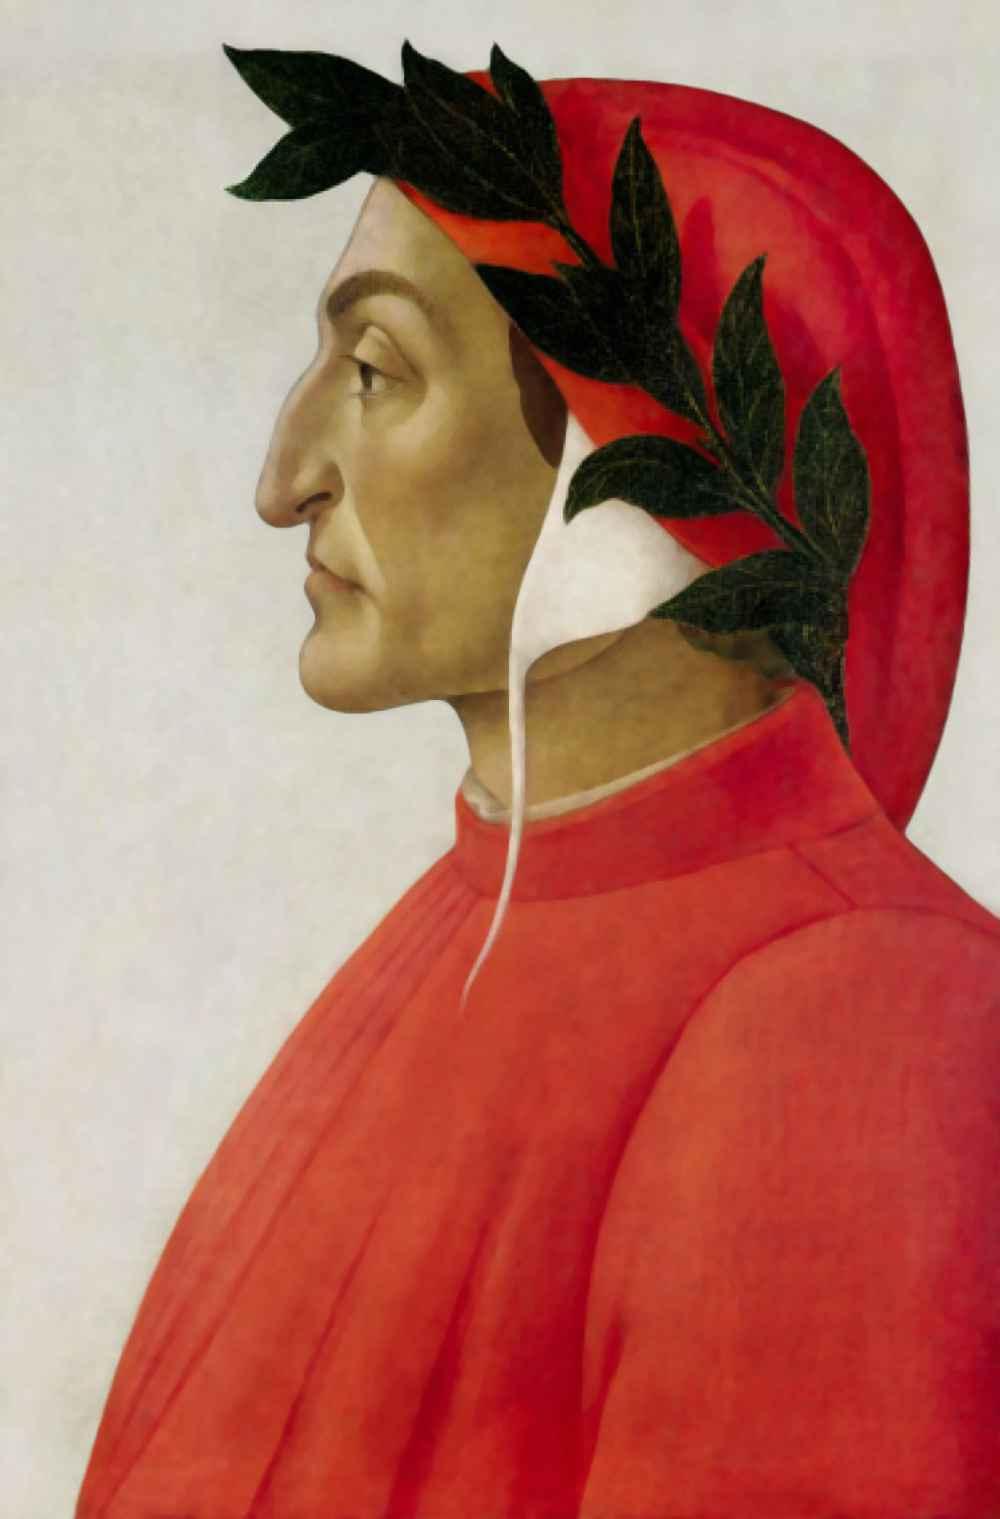 Retrato de Dante Alighieri, feito por Sandro Botticelli